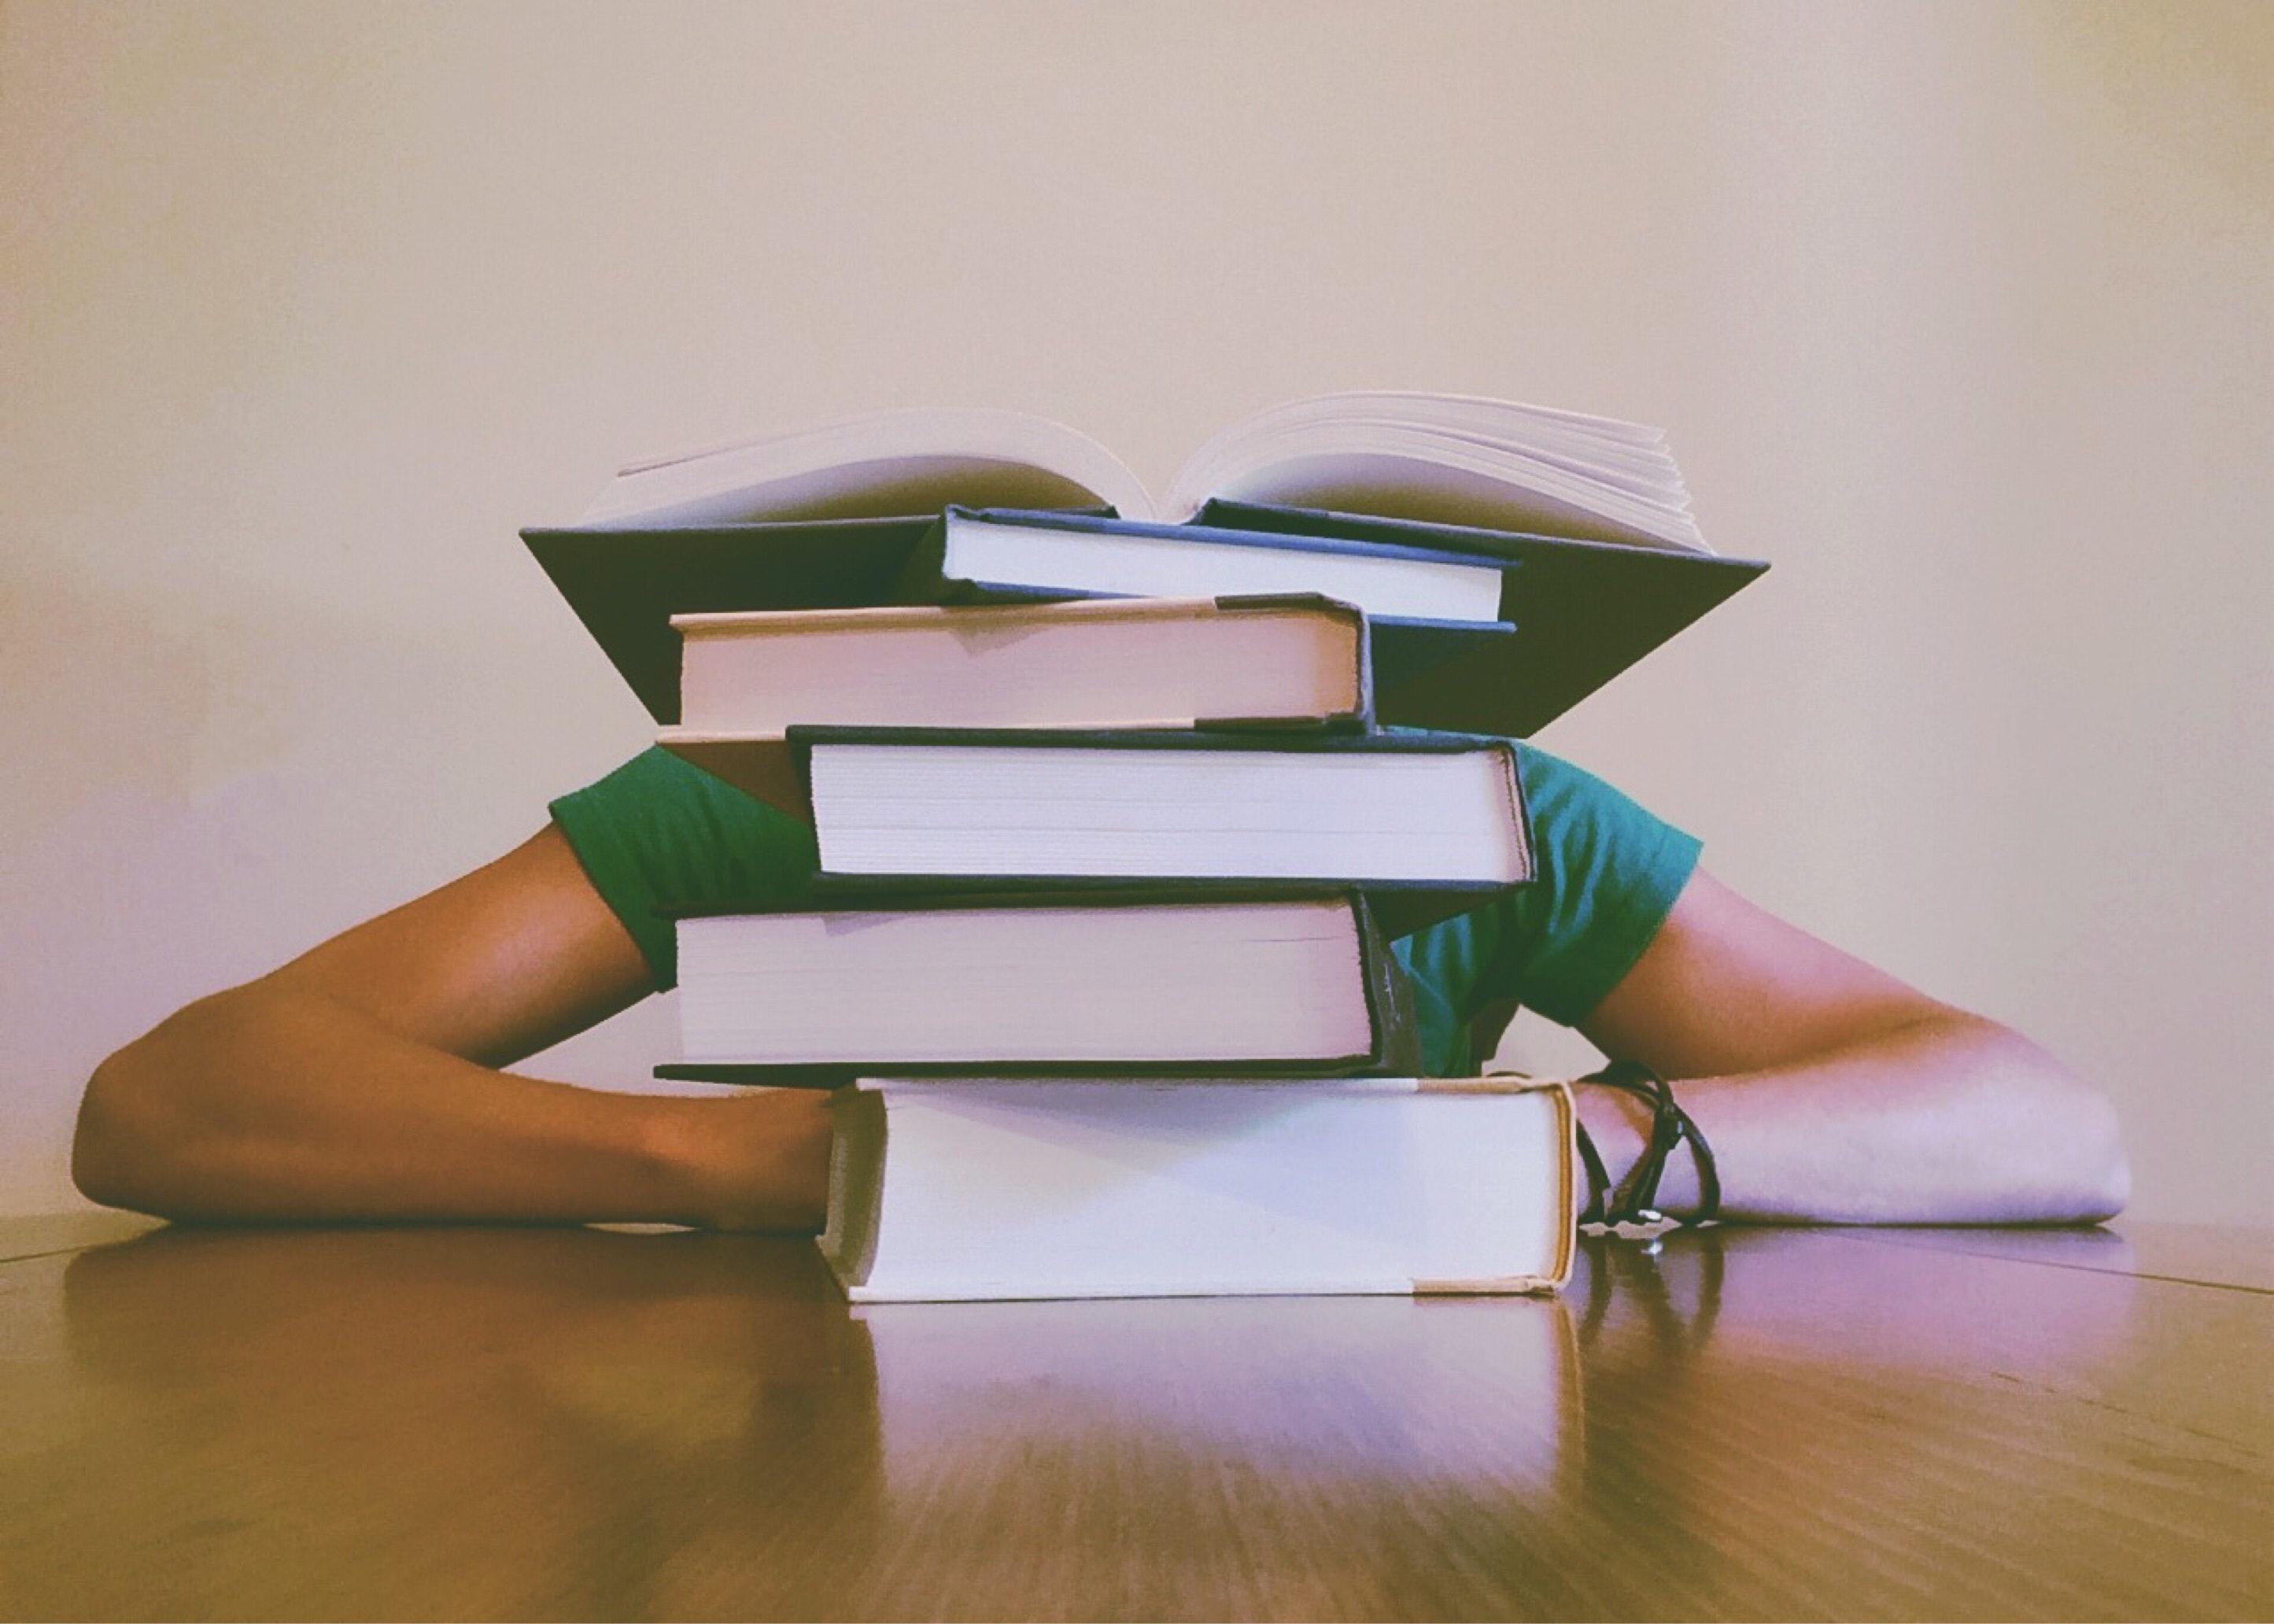 Apprendre dans des livres